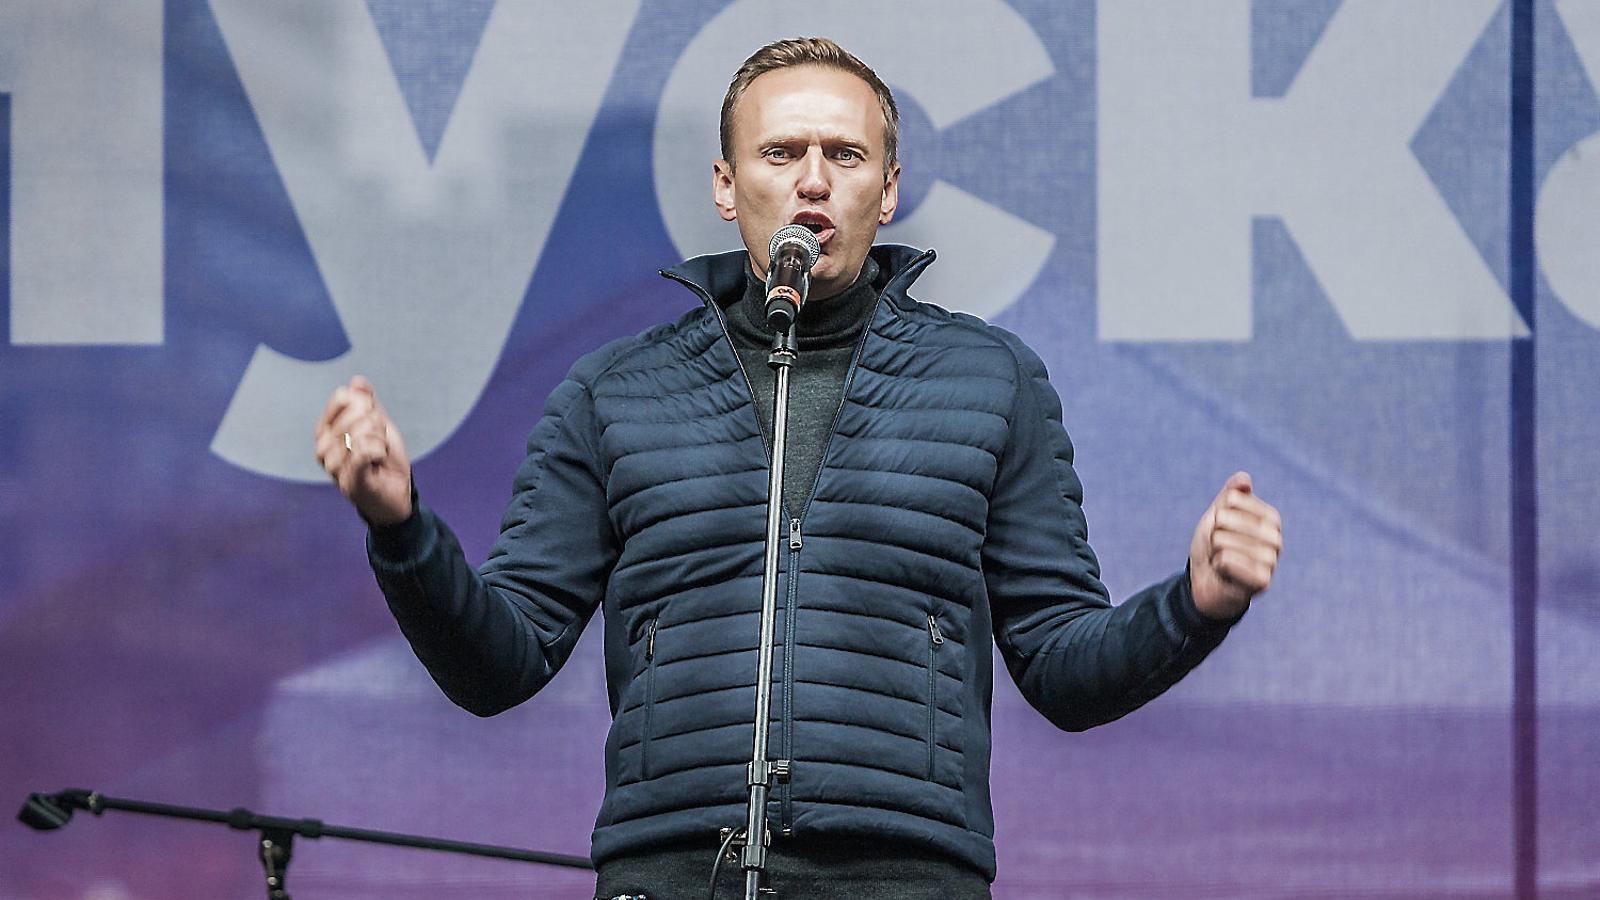 El líder opositor rus va ser enverinat amb un agent tòxic prohibit